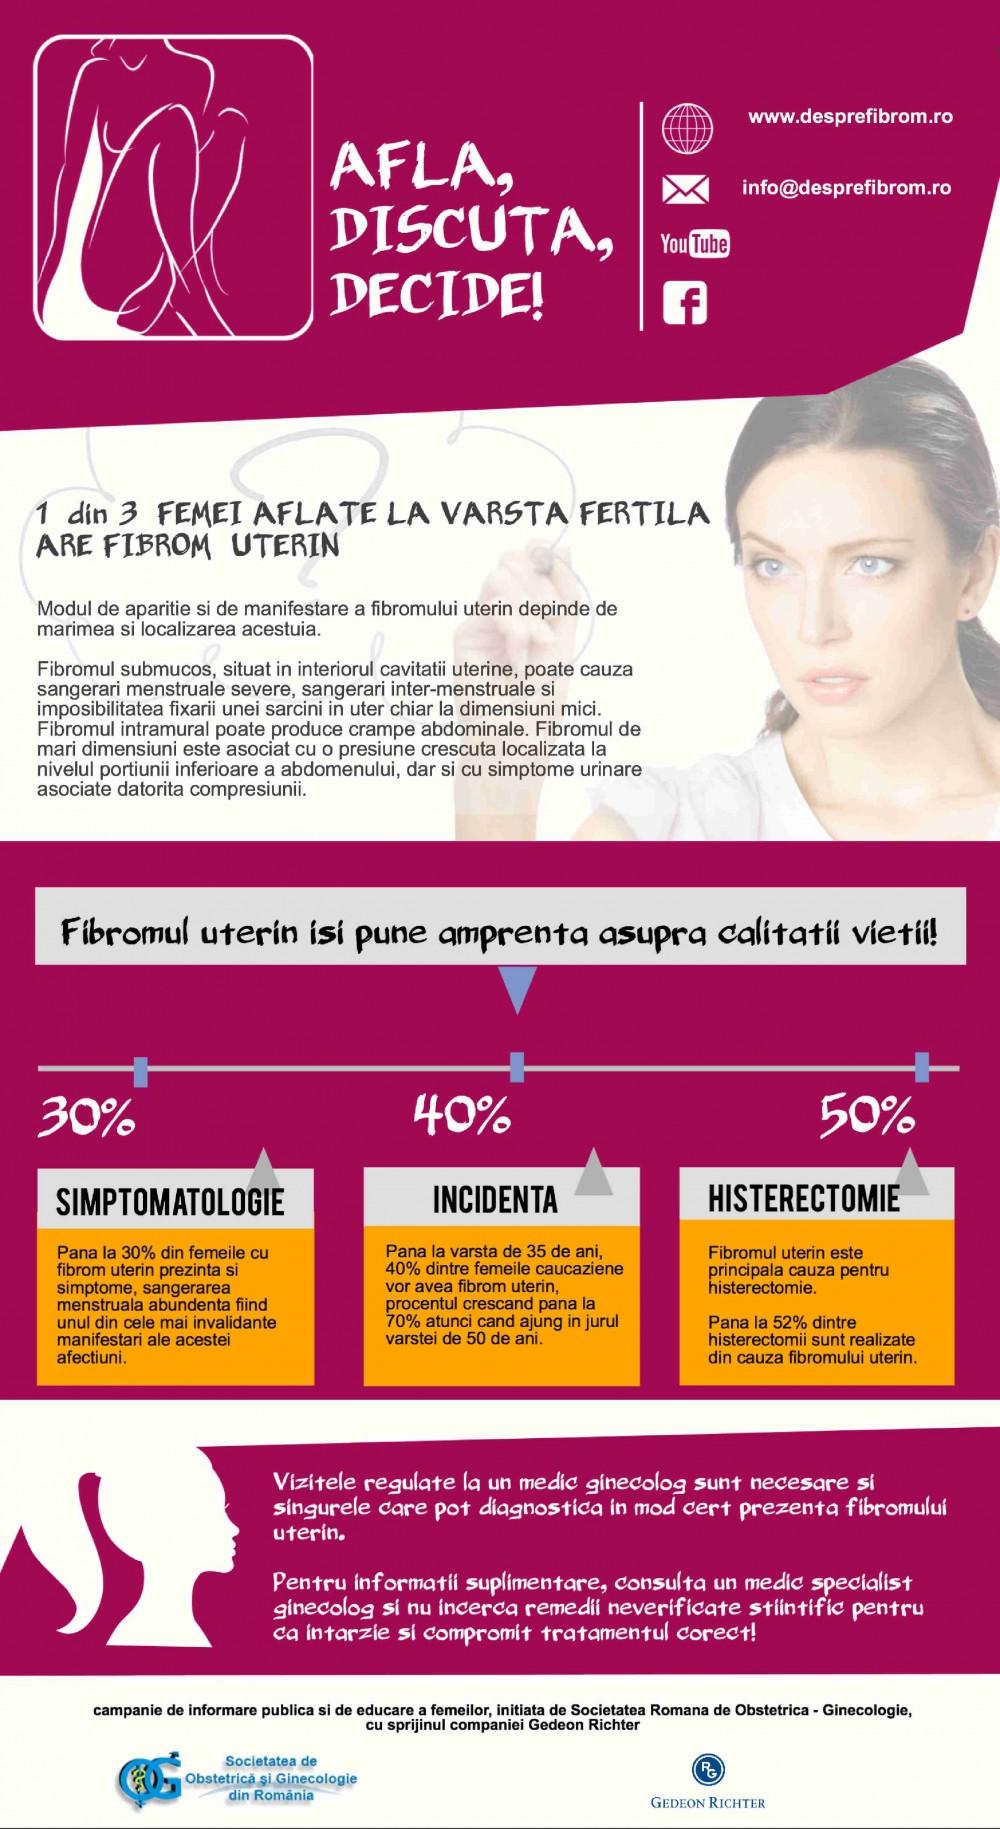 1 din 3 femei aflate la varsta fertila are fibrom uterin